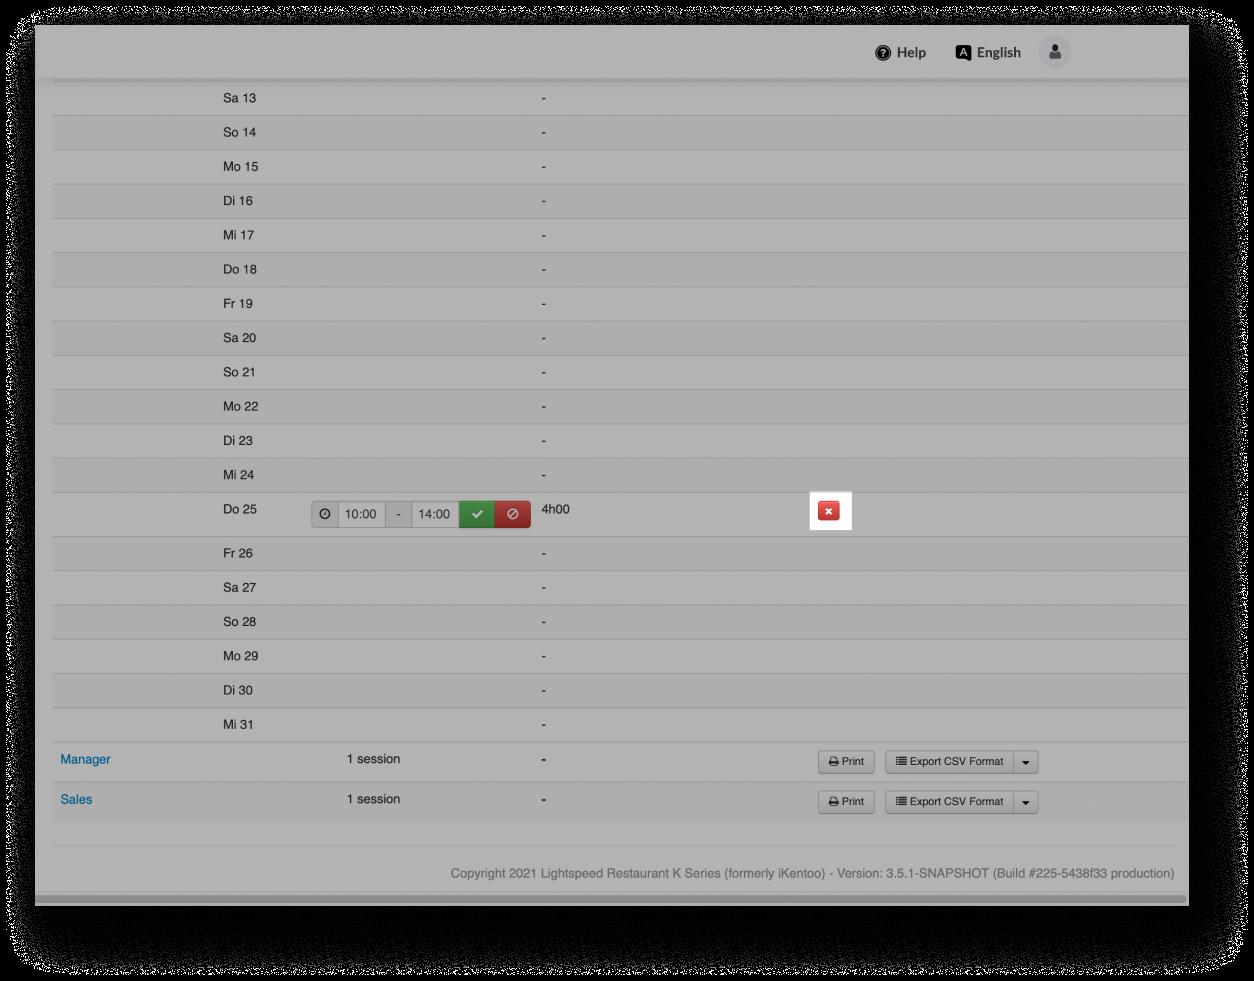 Bildschirmfoto_2021-03-31_um_10.25.46_2.png